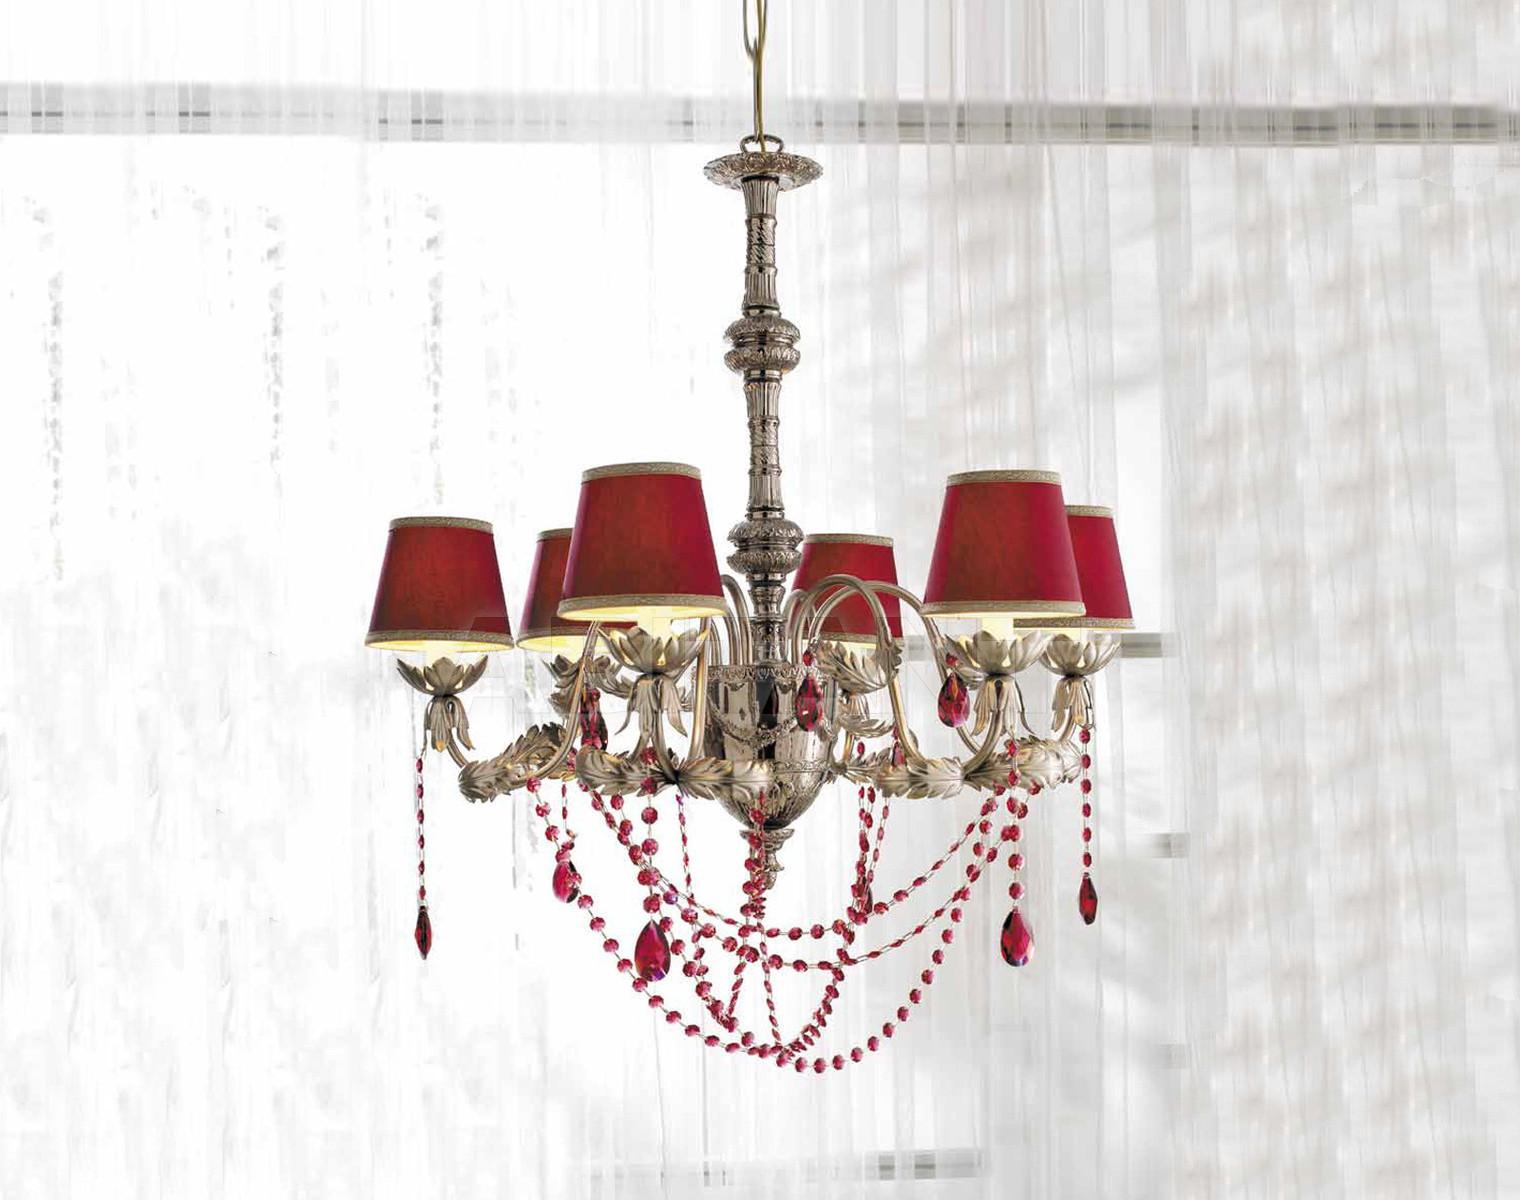 Купить Люстра Villari Home And Lights 4123348-606